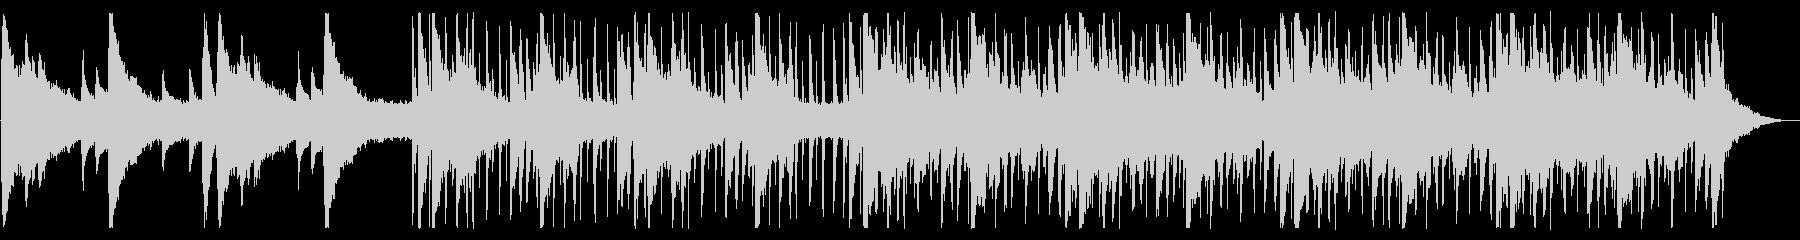 爽やかモーニング/R&B_No598_3の未再生の波形